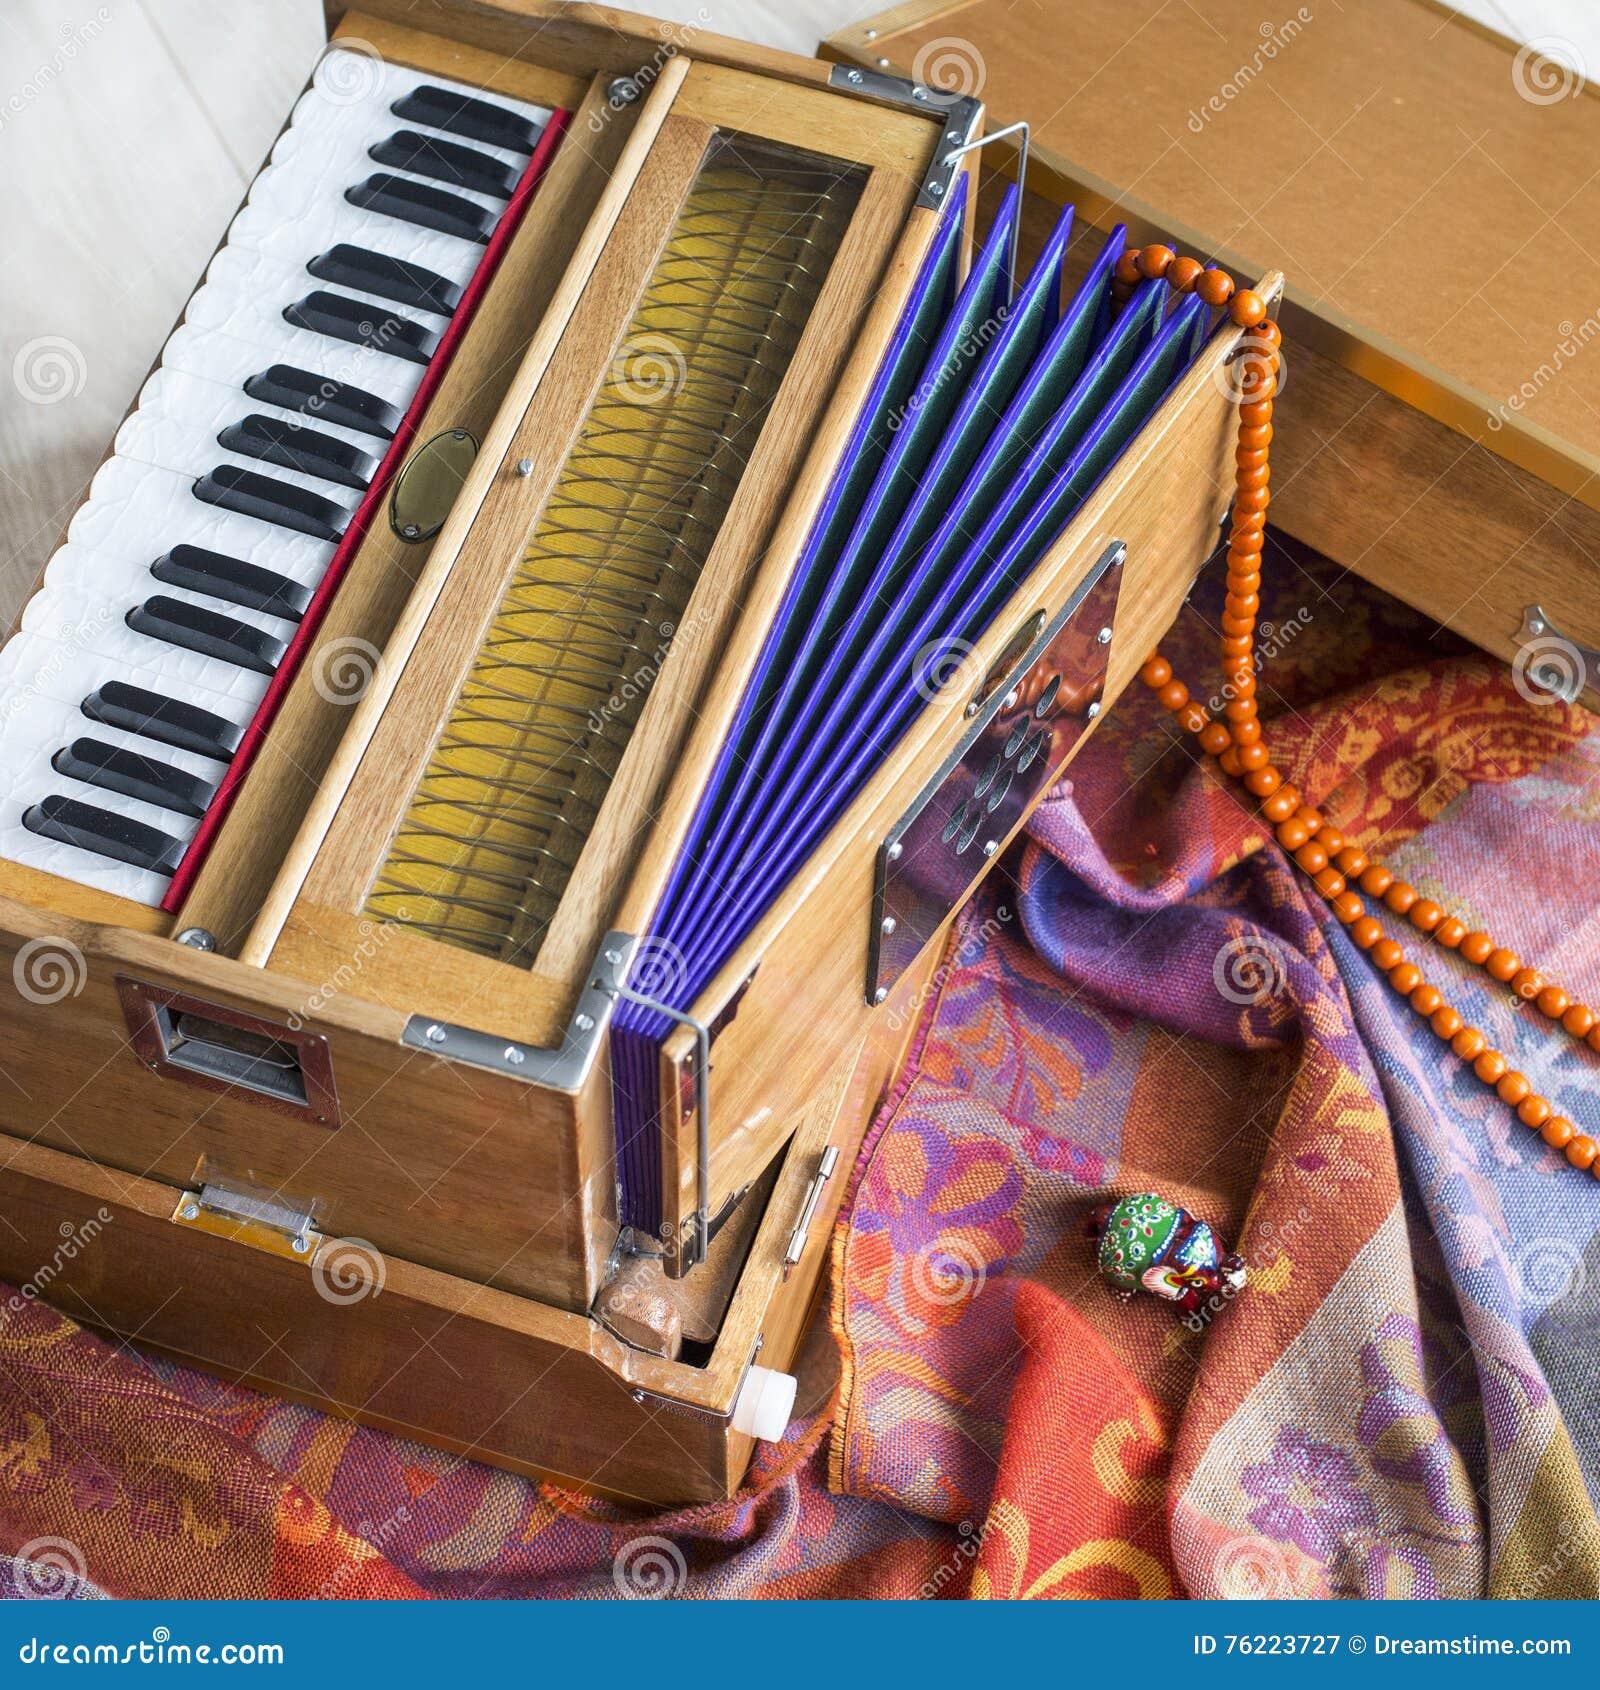 Indisches Harmonium, ein traditionelles hölzernes Tasteninstrument, Nahaufnahme